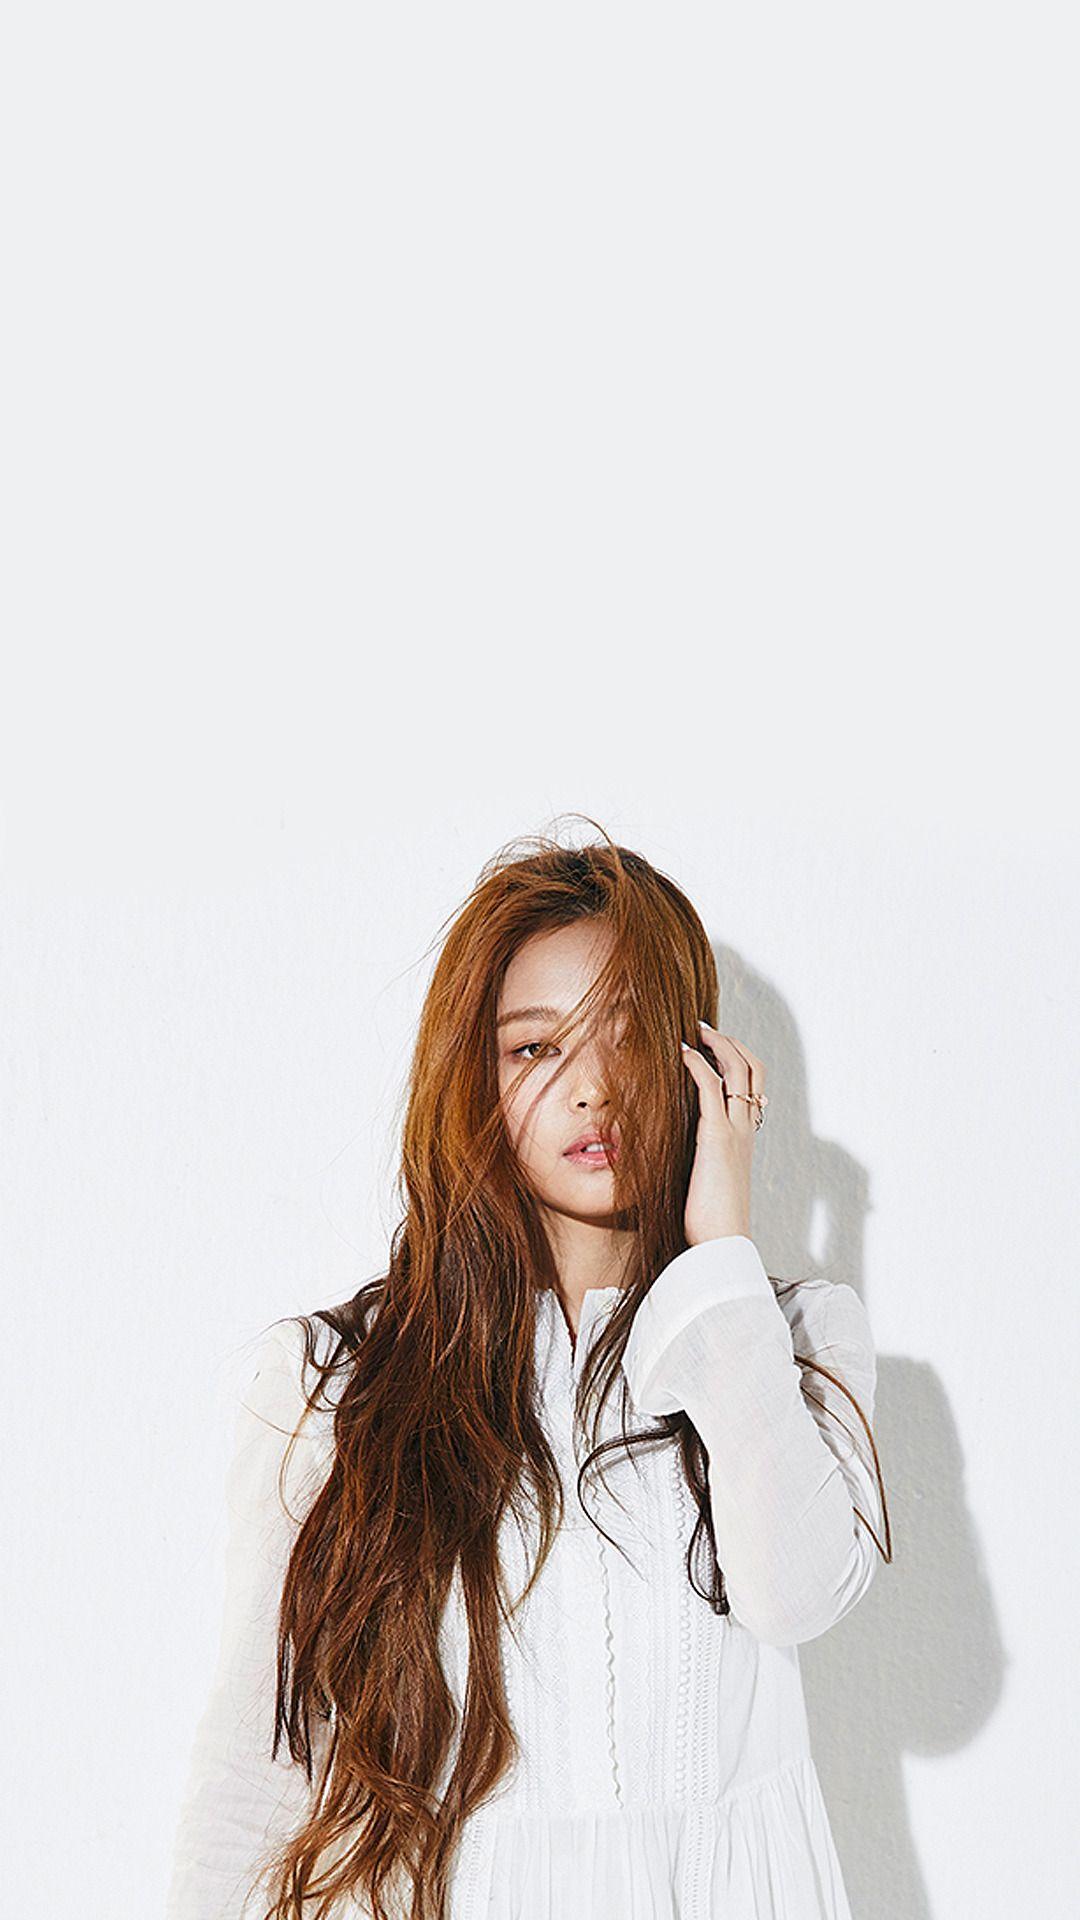 Jennie Kim Blackpink Cute Wallpaper - Jennie Kim Blackpink ...